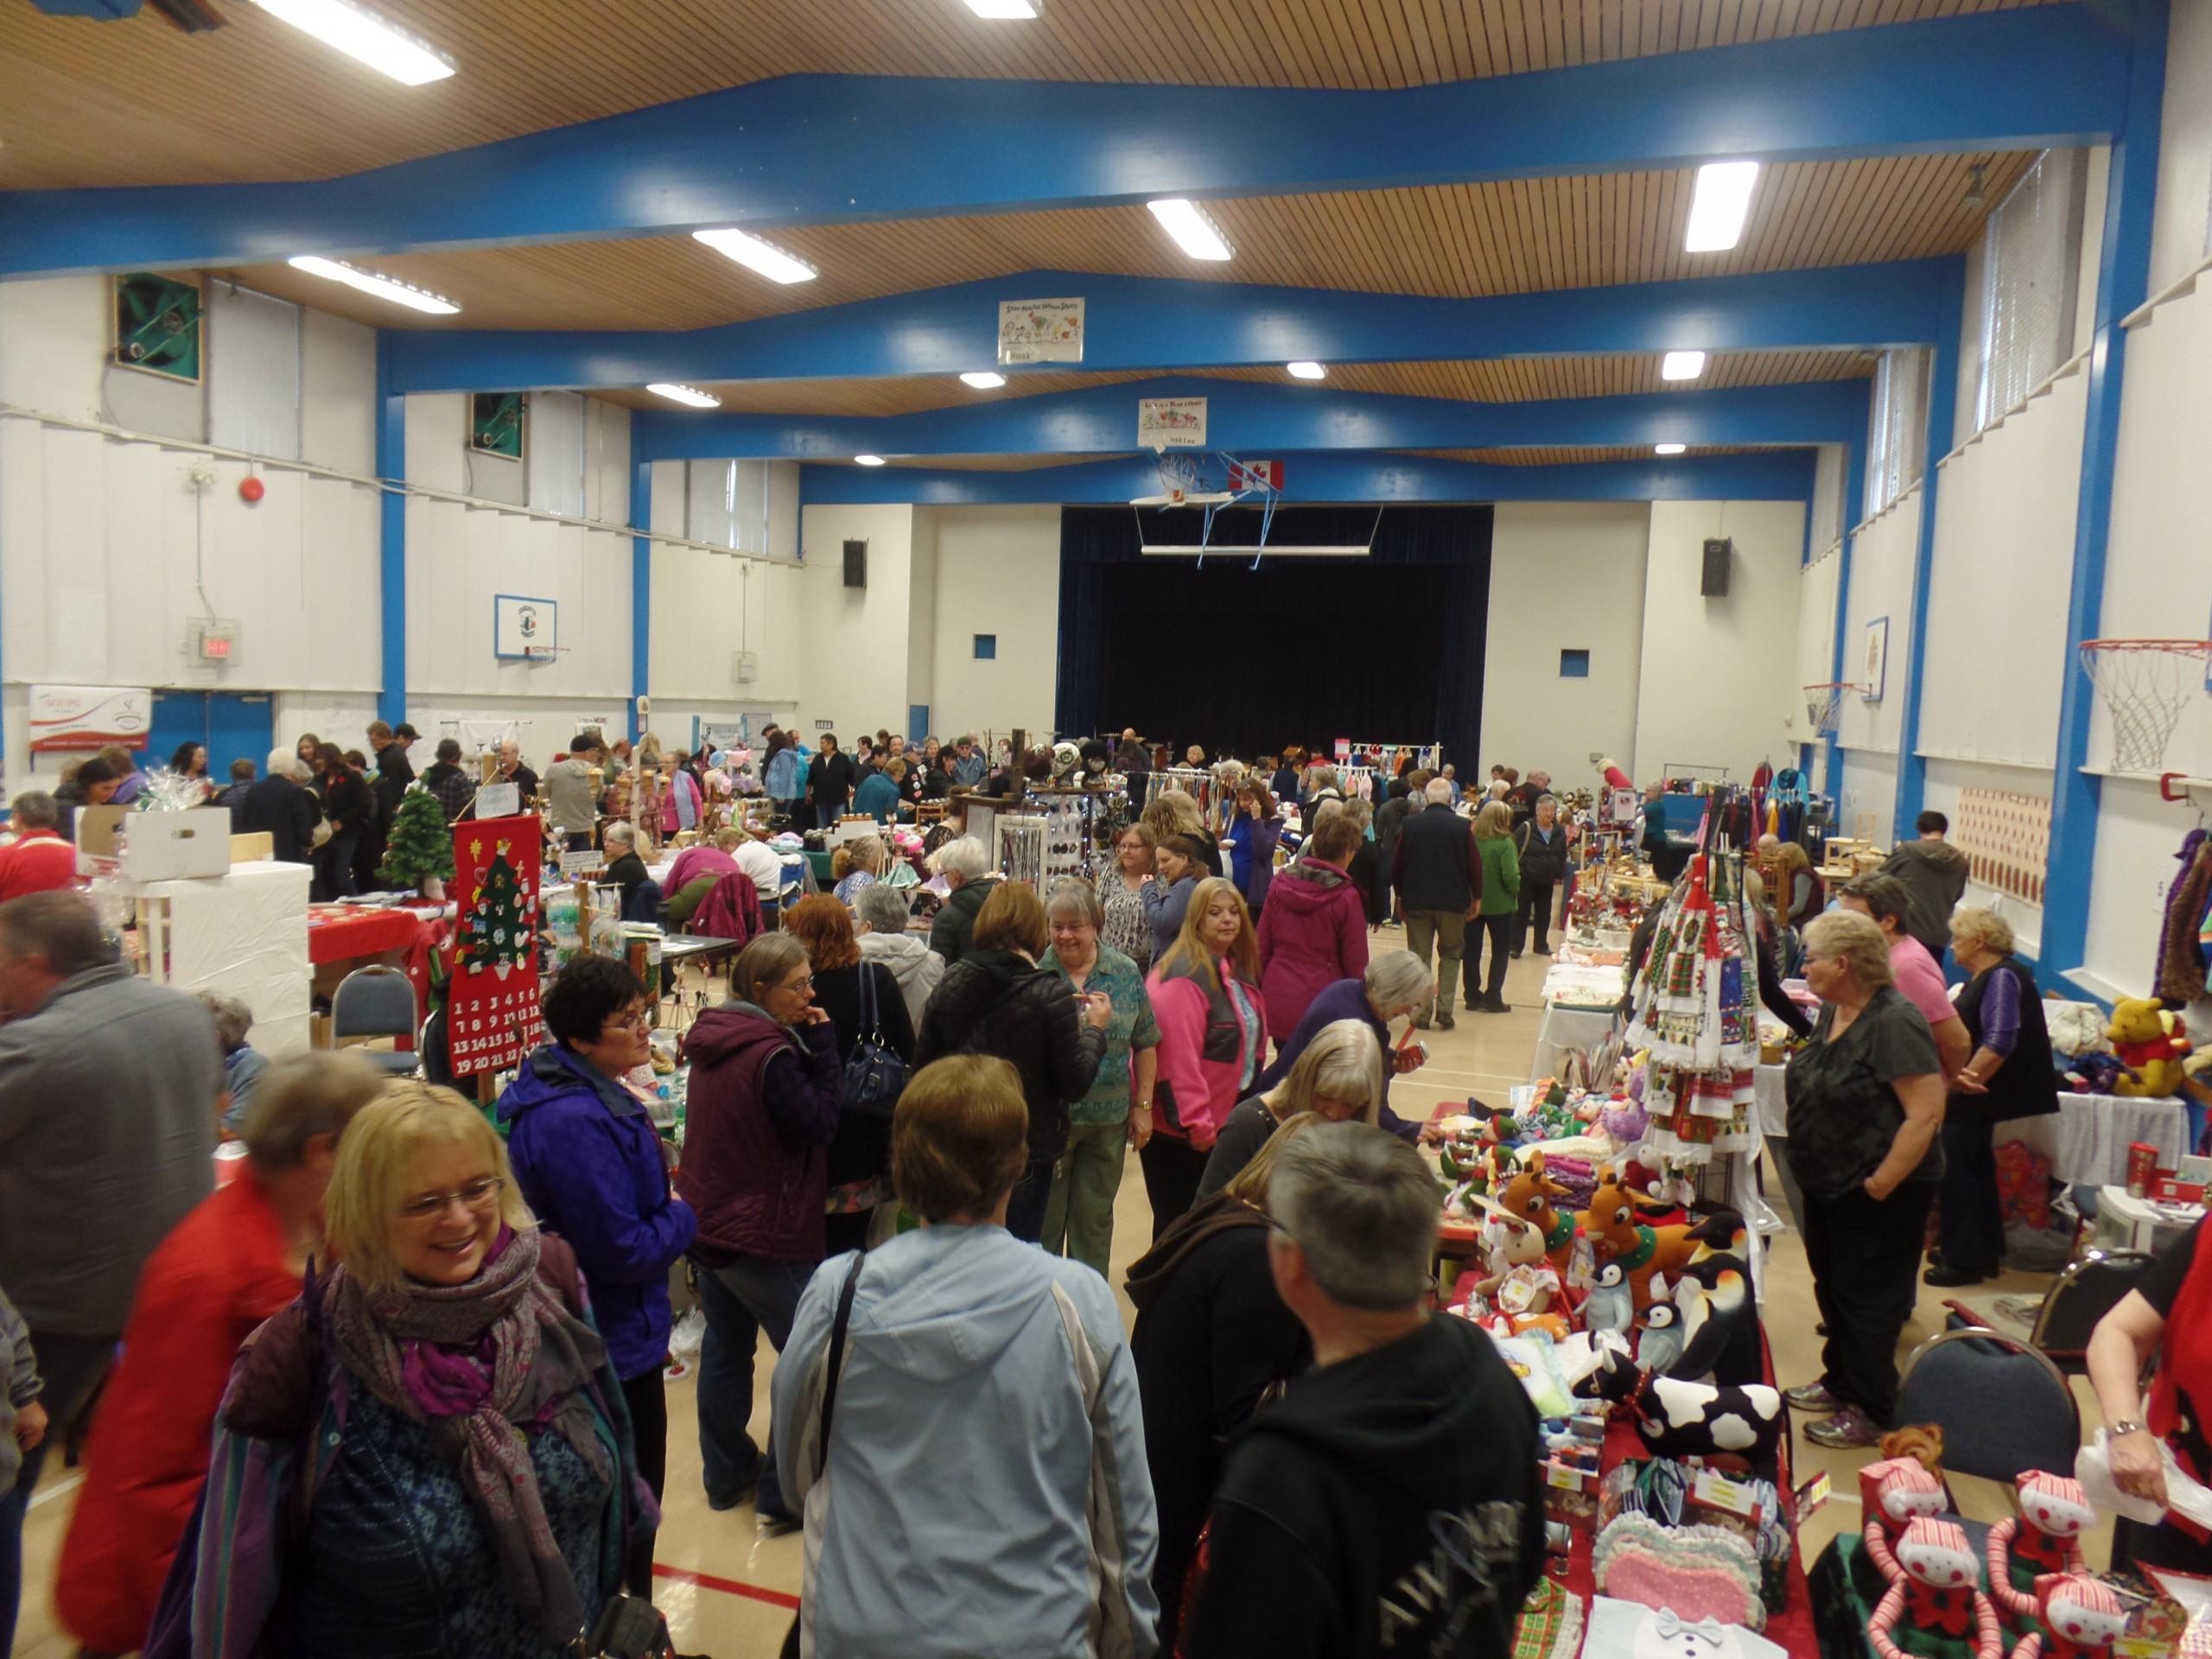 FunChaser @ St. Mary's Christmas Craft Fair